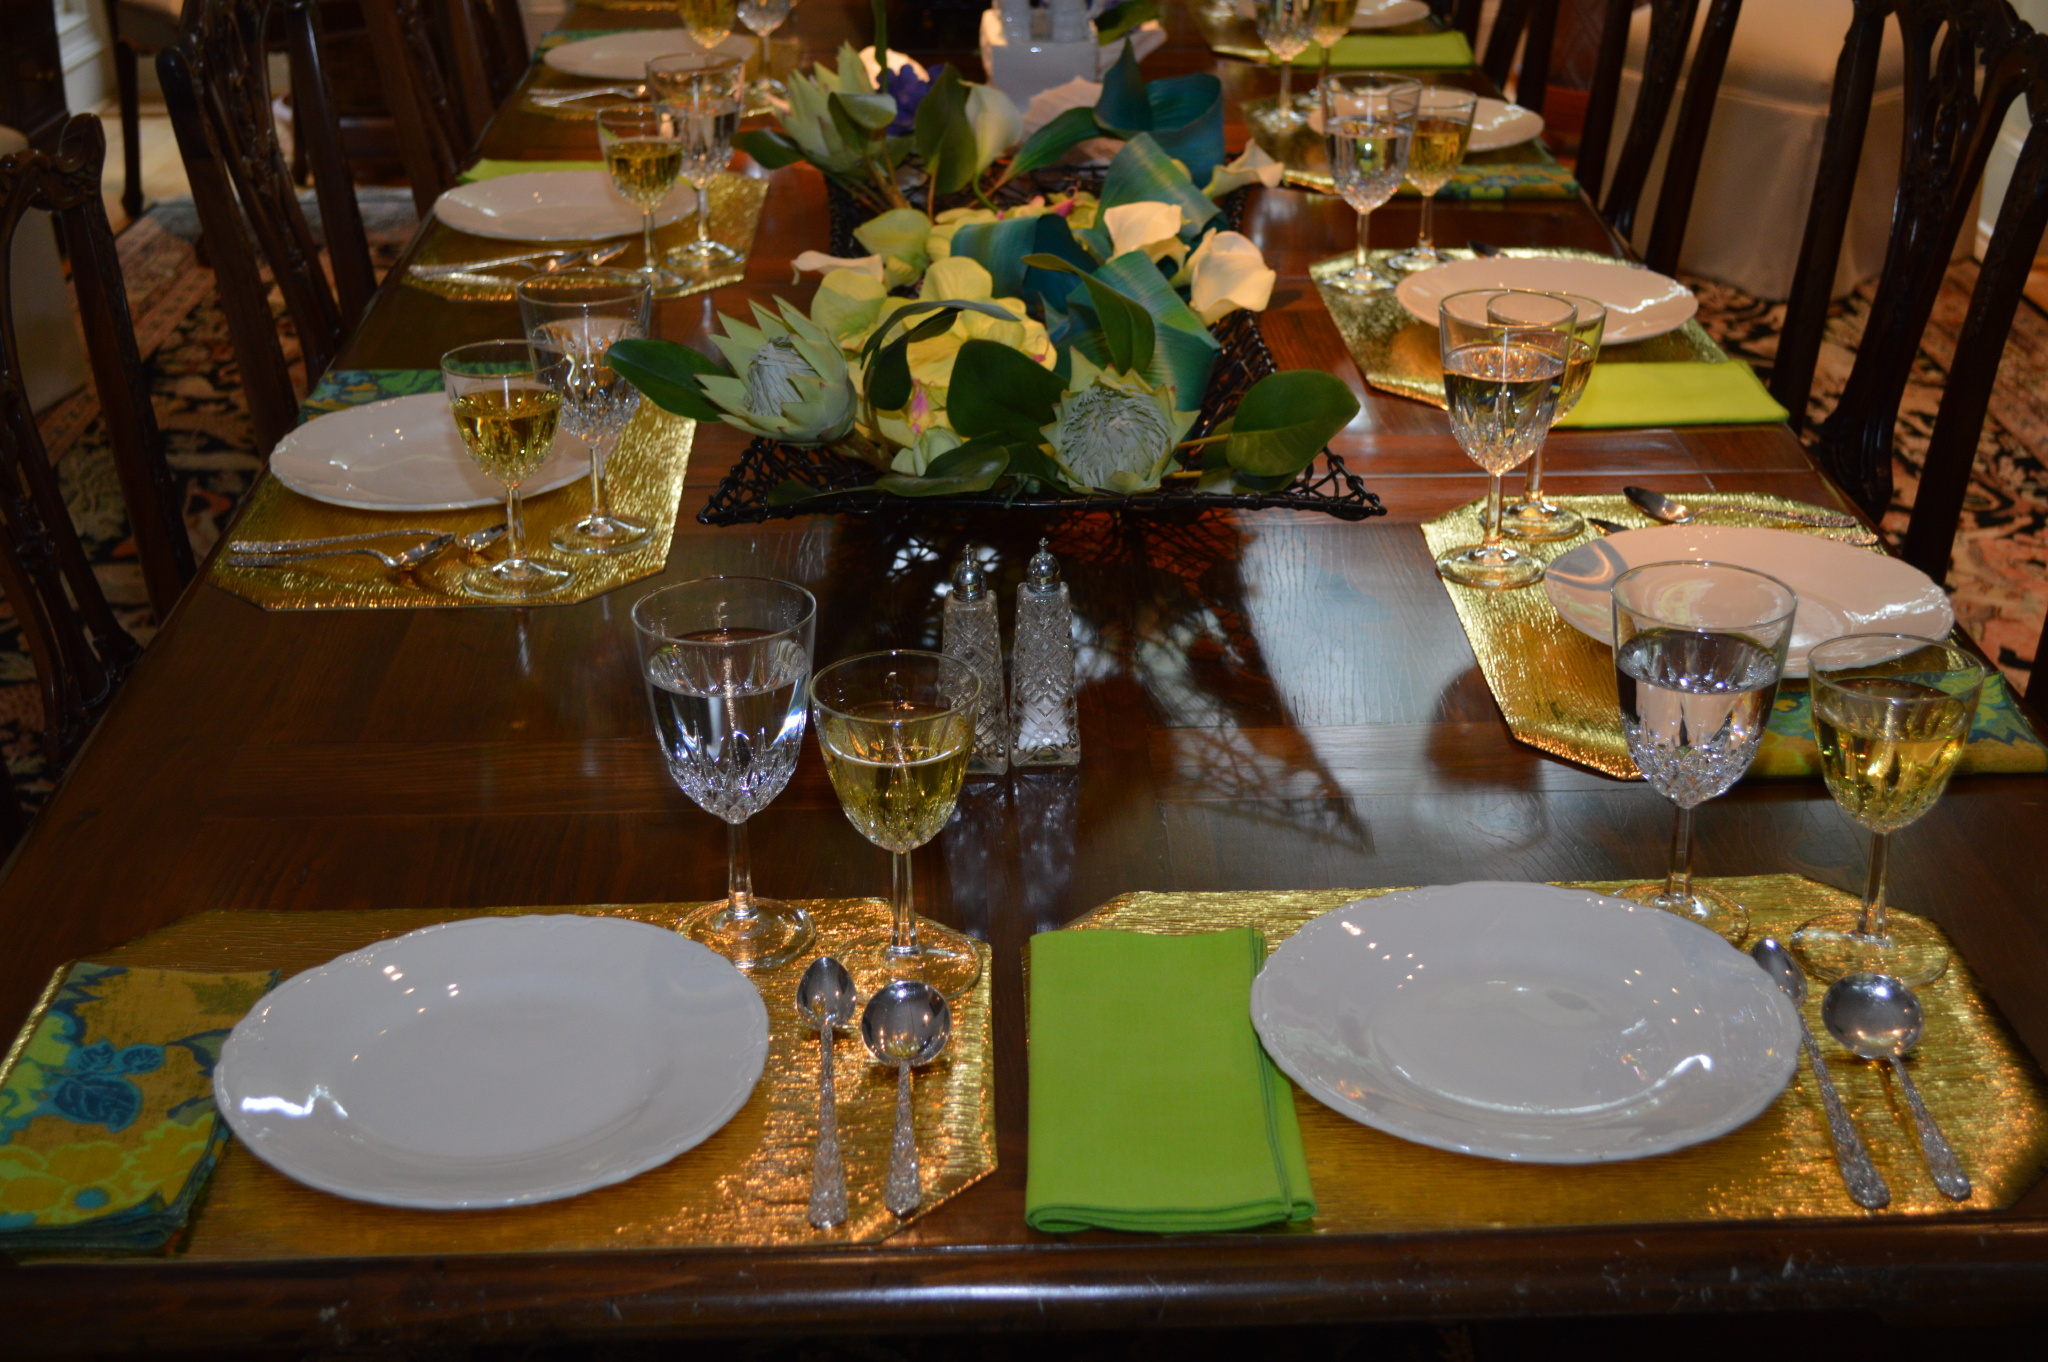 Soup & Desert Table Setting